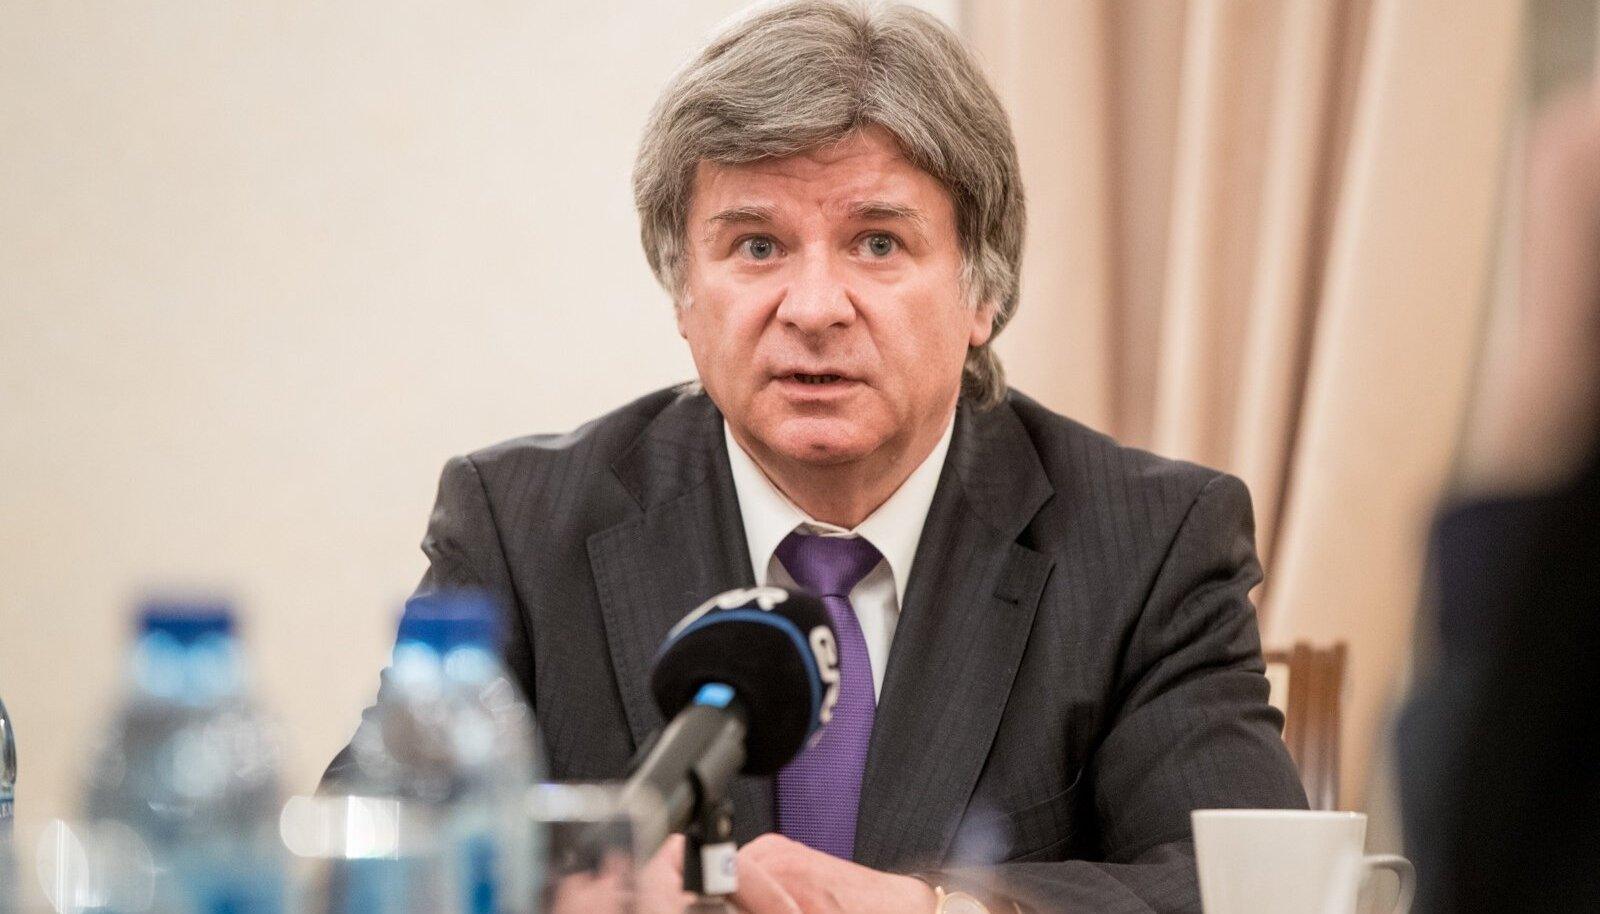 PETROVI GARANTII: Venemaa suursaadik Aleksandr Petrov kinnitab, et Mart Helme ei ole Kremlile kasulik idioot. Kohe kindlasti mitte.